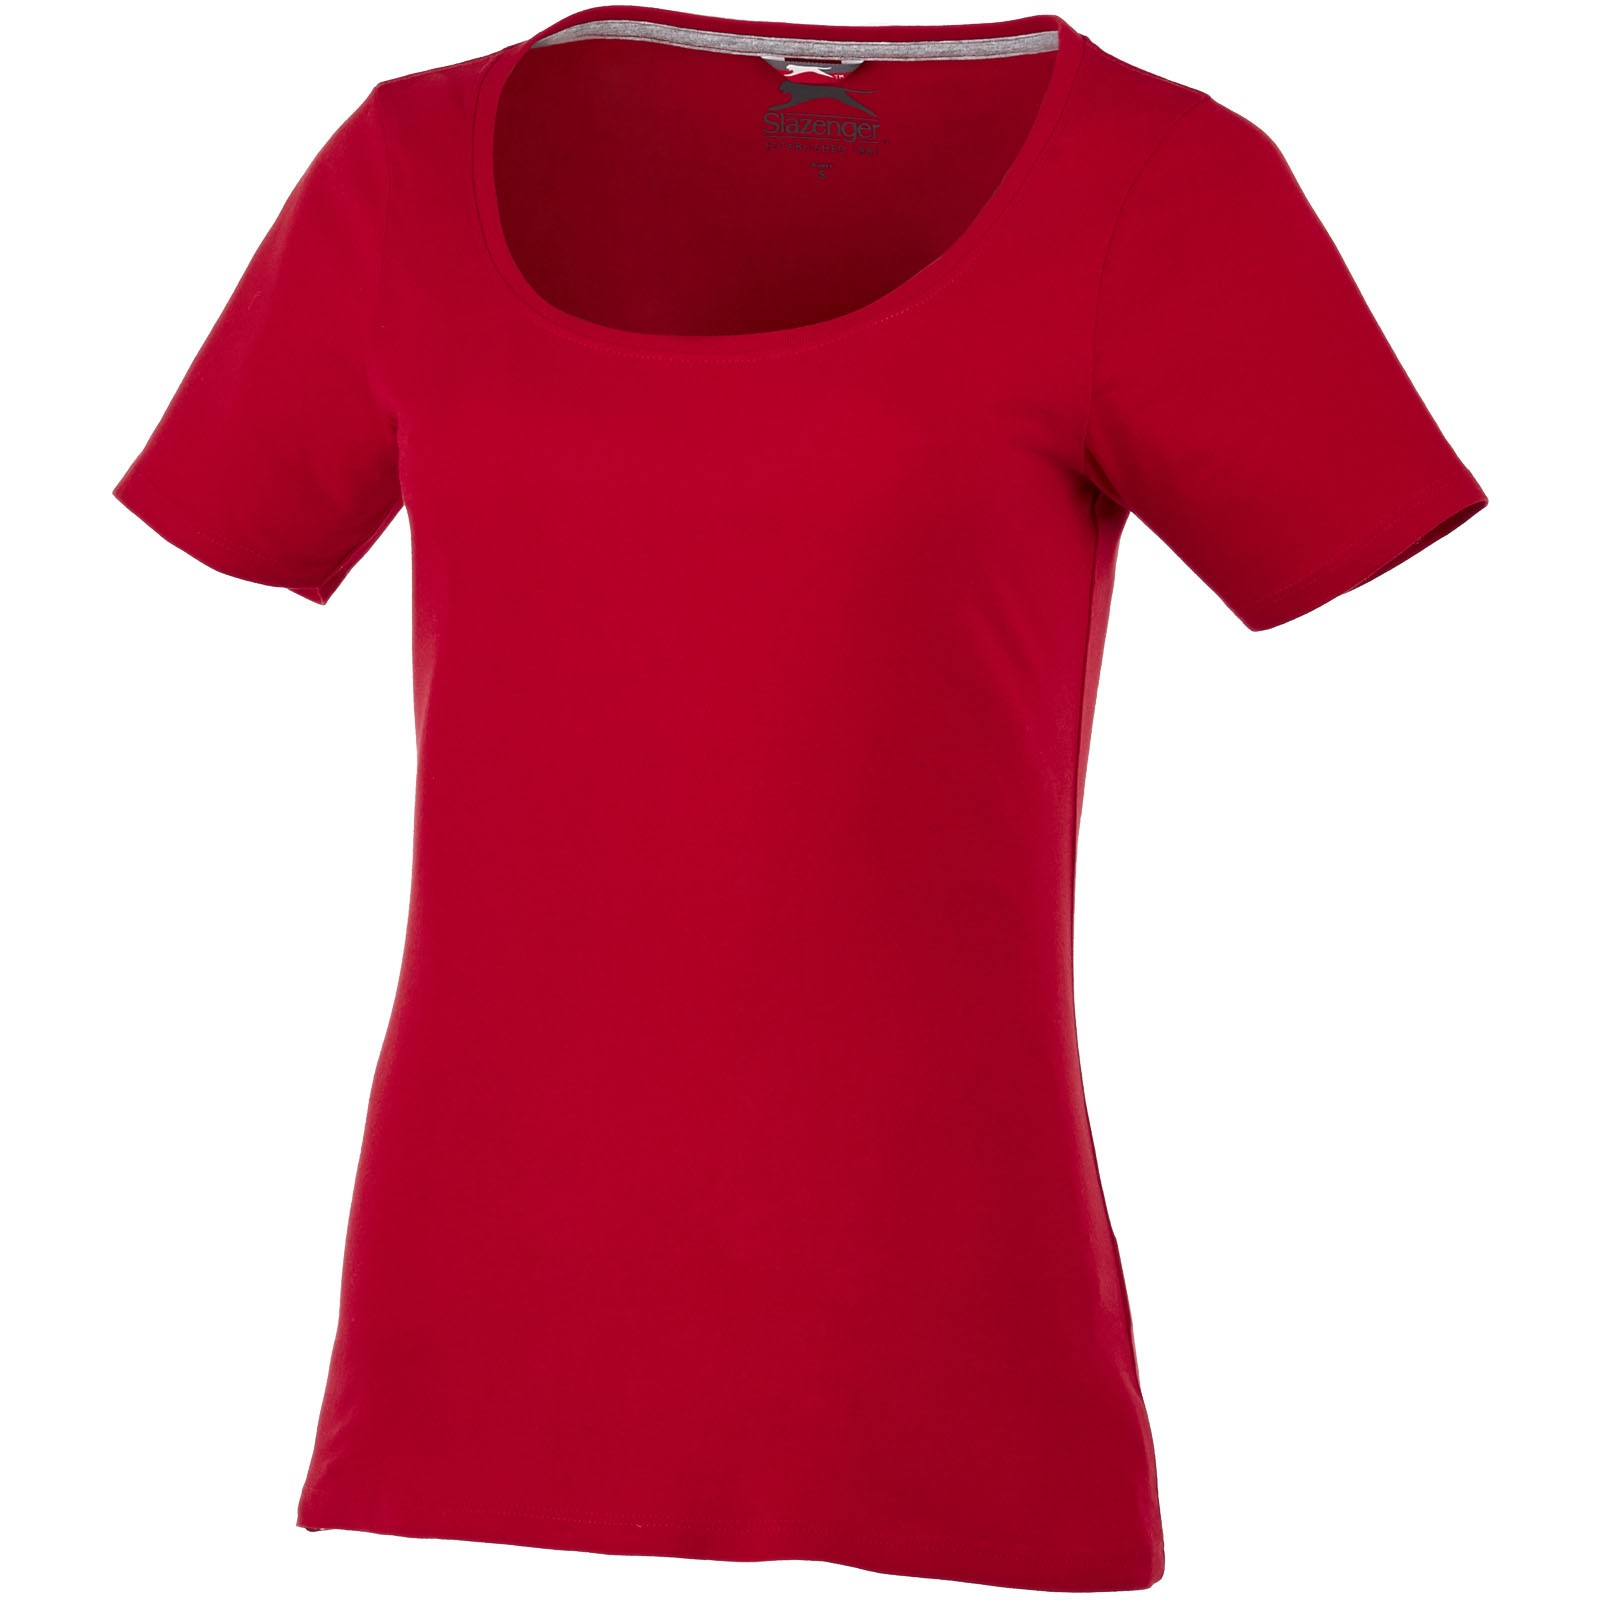 Dámské triko Bosey s hlubším kulatým výstřihem - Tmavě červená / S